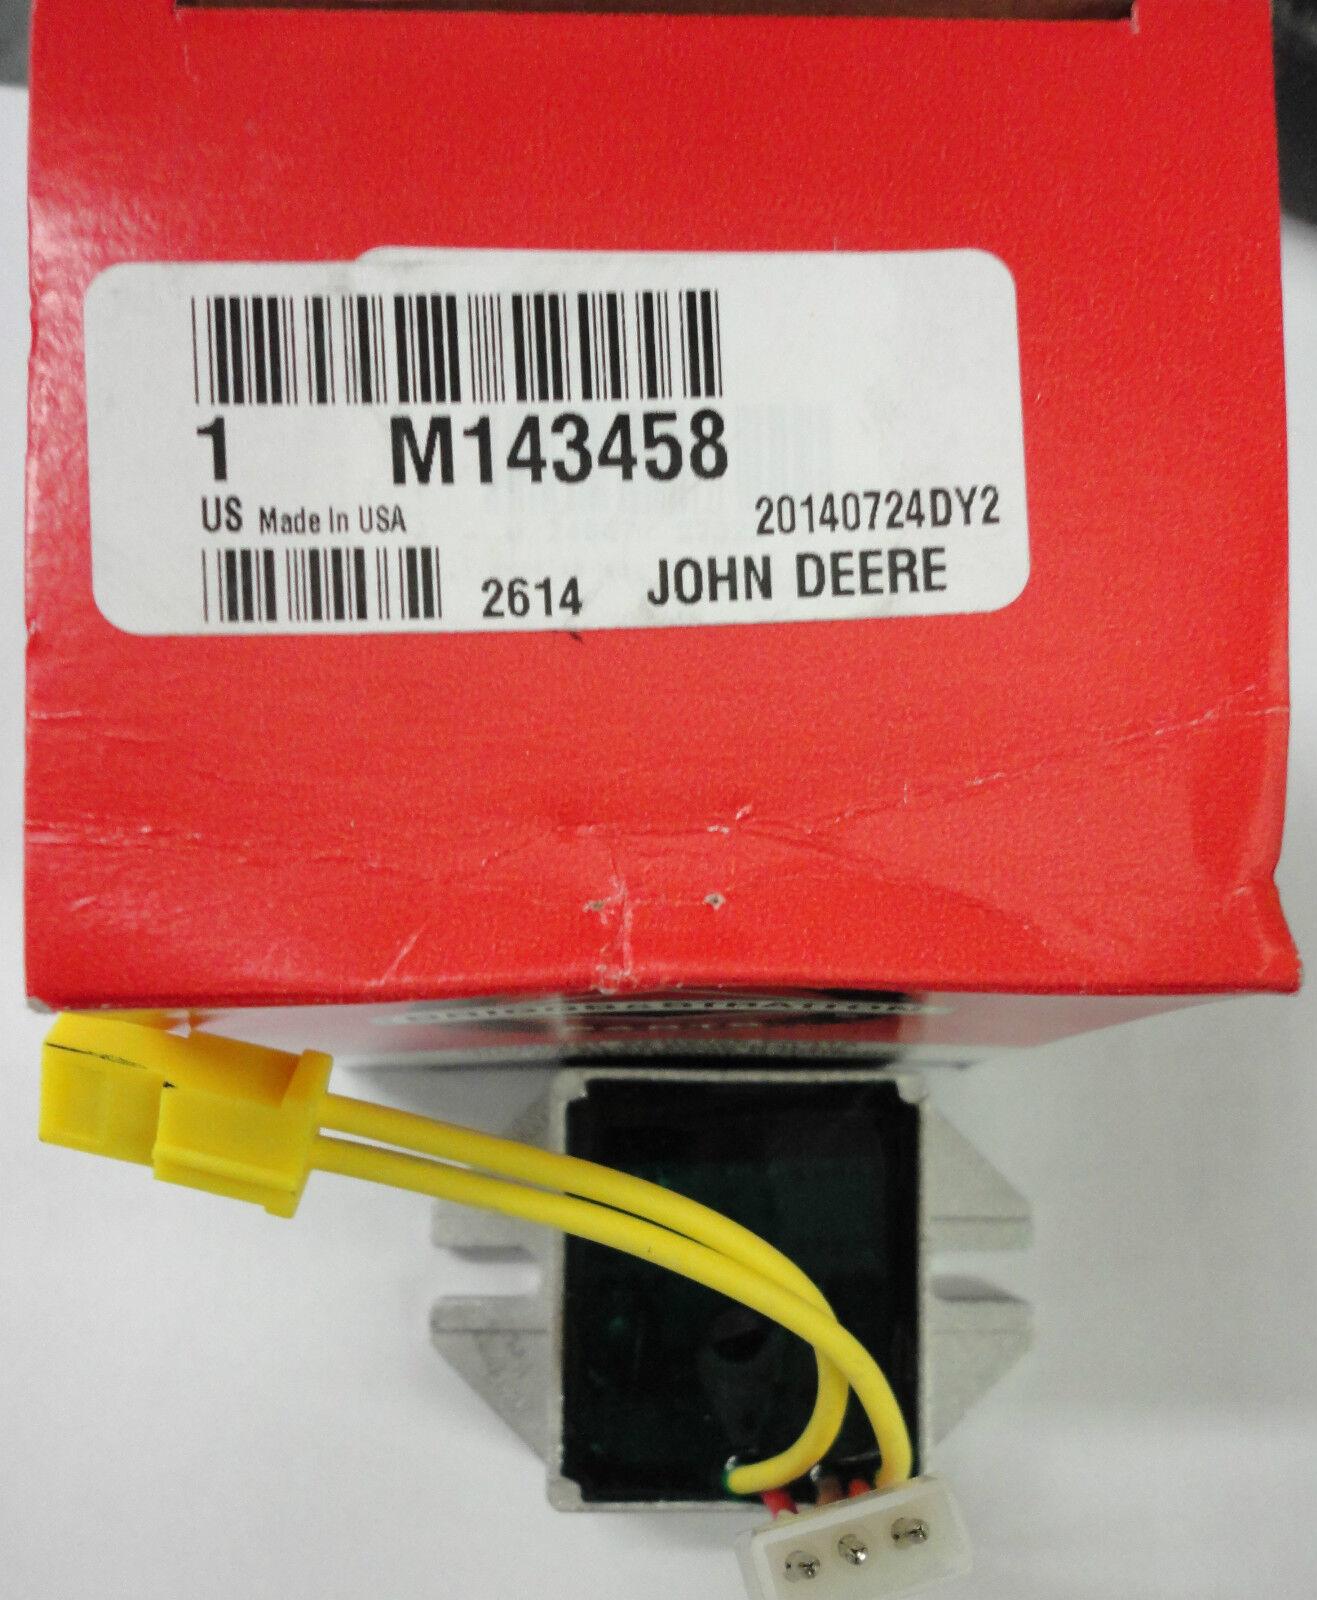 JOHN DEERE Voltage Regulator M143458 for GT235 LX288 SST18 w// Briggs /& Stratton